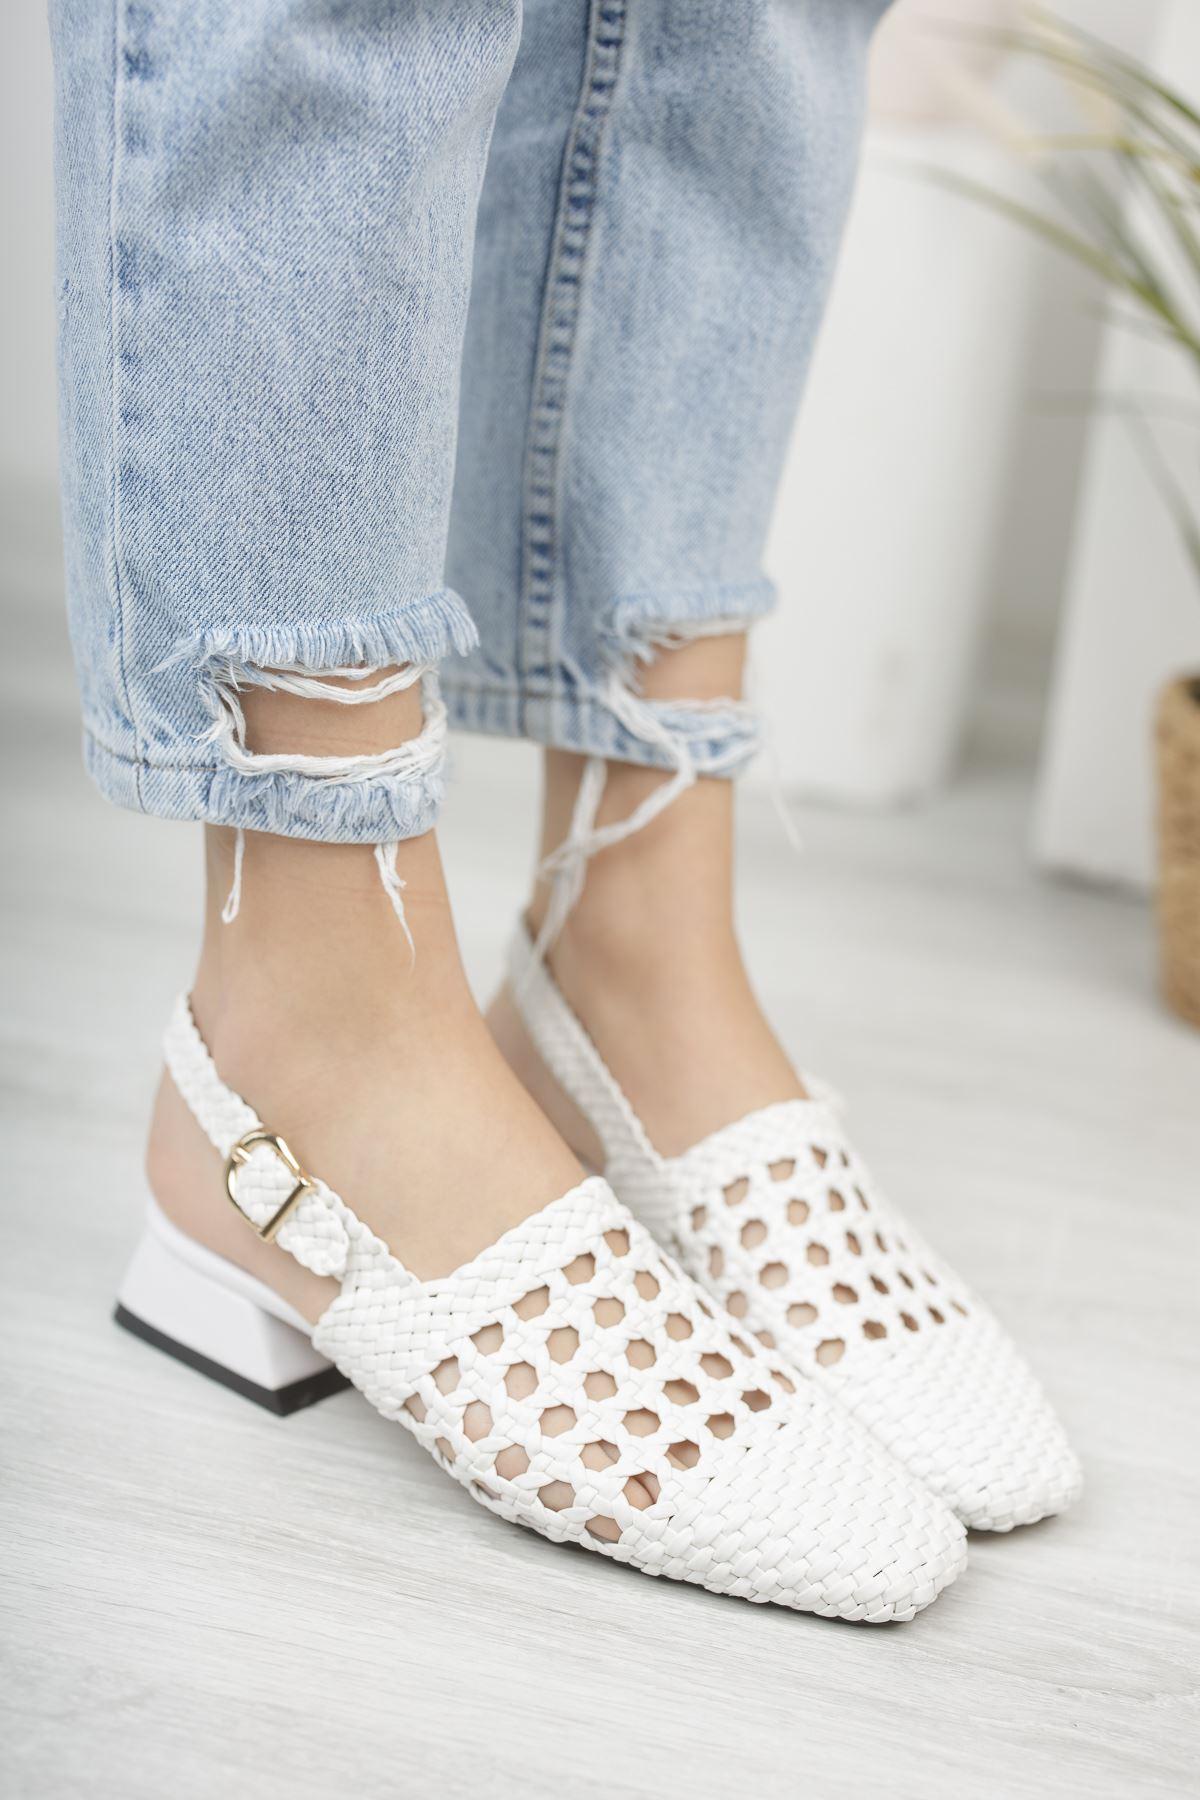 Kadın Terry Örgü Detay Mat Deri Beyaz Kısa Topuklu Ayakkabı